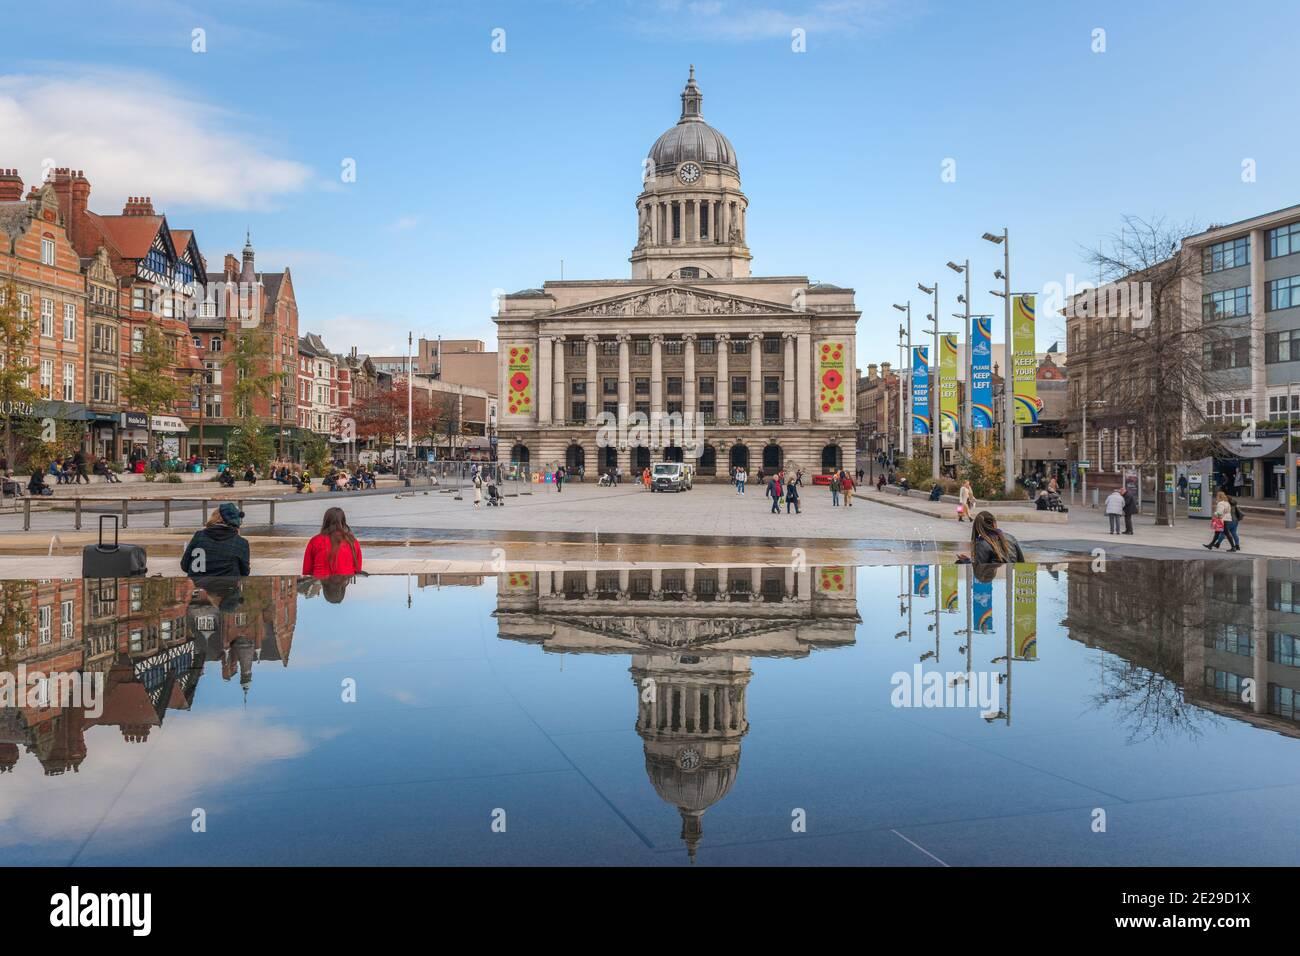 L'imposante Nottingham Council House se situe au-dessus du centre-ville de Nottingham, en toile de fond de la place du Vieux marché de Nottingham. Banque D'Images